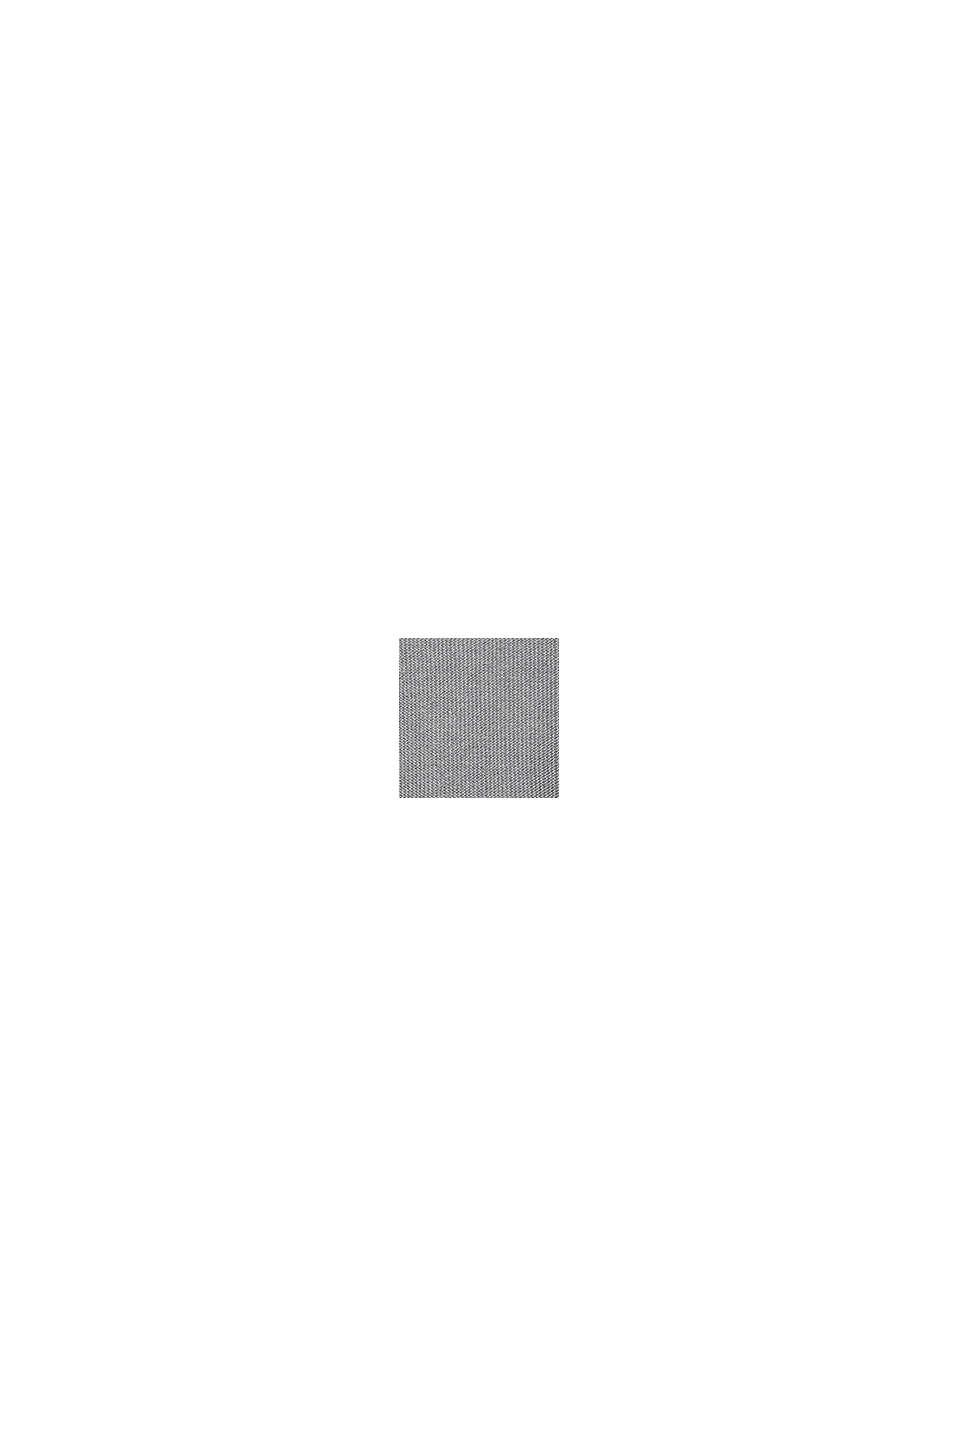 Jersey con textura en 100% algodón ecológico, MEDIUM GREY, swatch